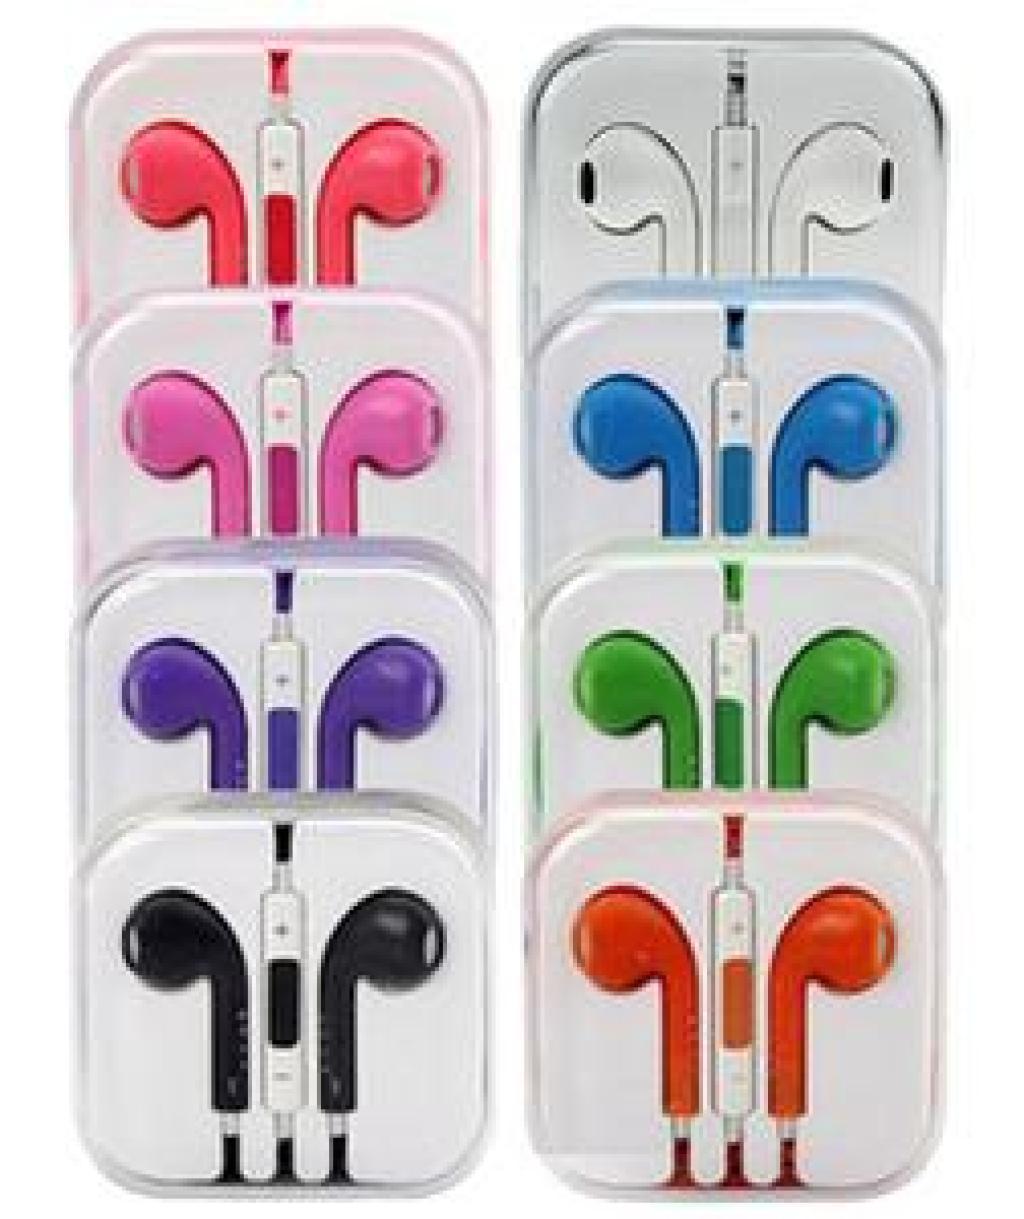 Supply Iphone5 Iphone 5 Color Bass Headphones Earphones Earpods Apple Earphone Handsfree Rainbow Colours